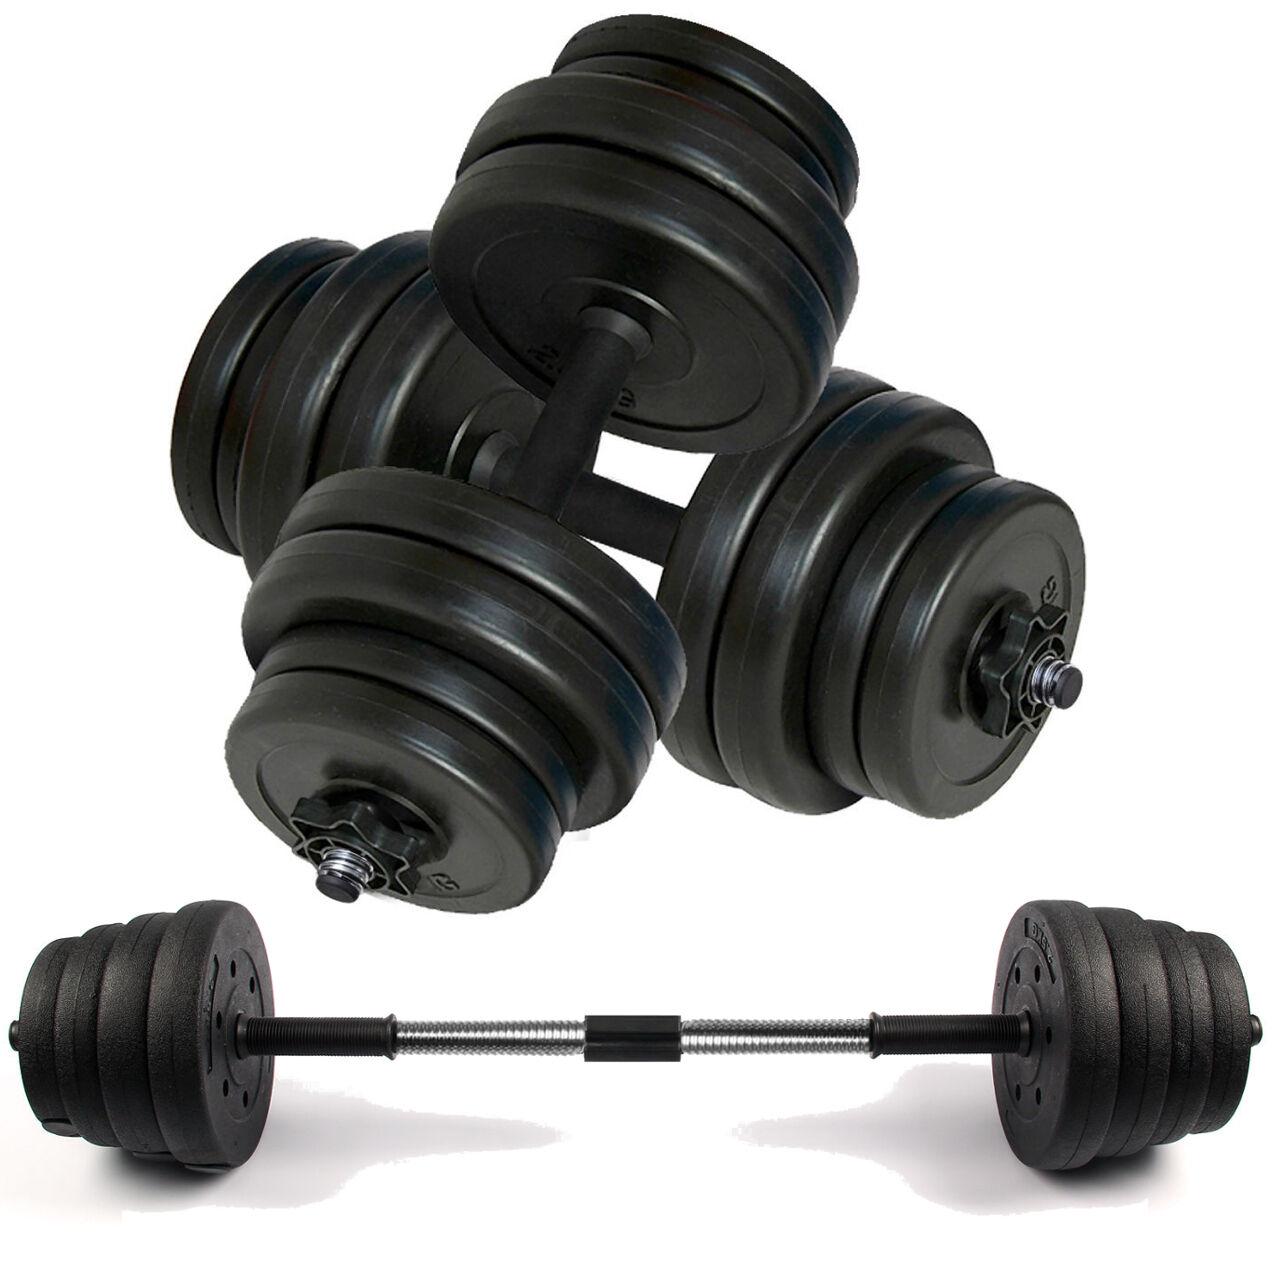 Set Manubri Pesi Allenamento Con I Esercizi Fitness Palestra Casa Bicipiti